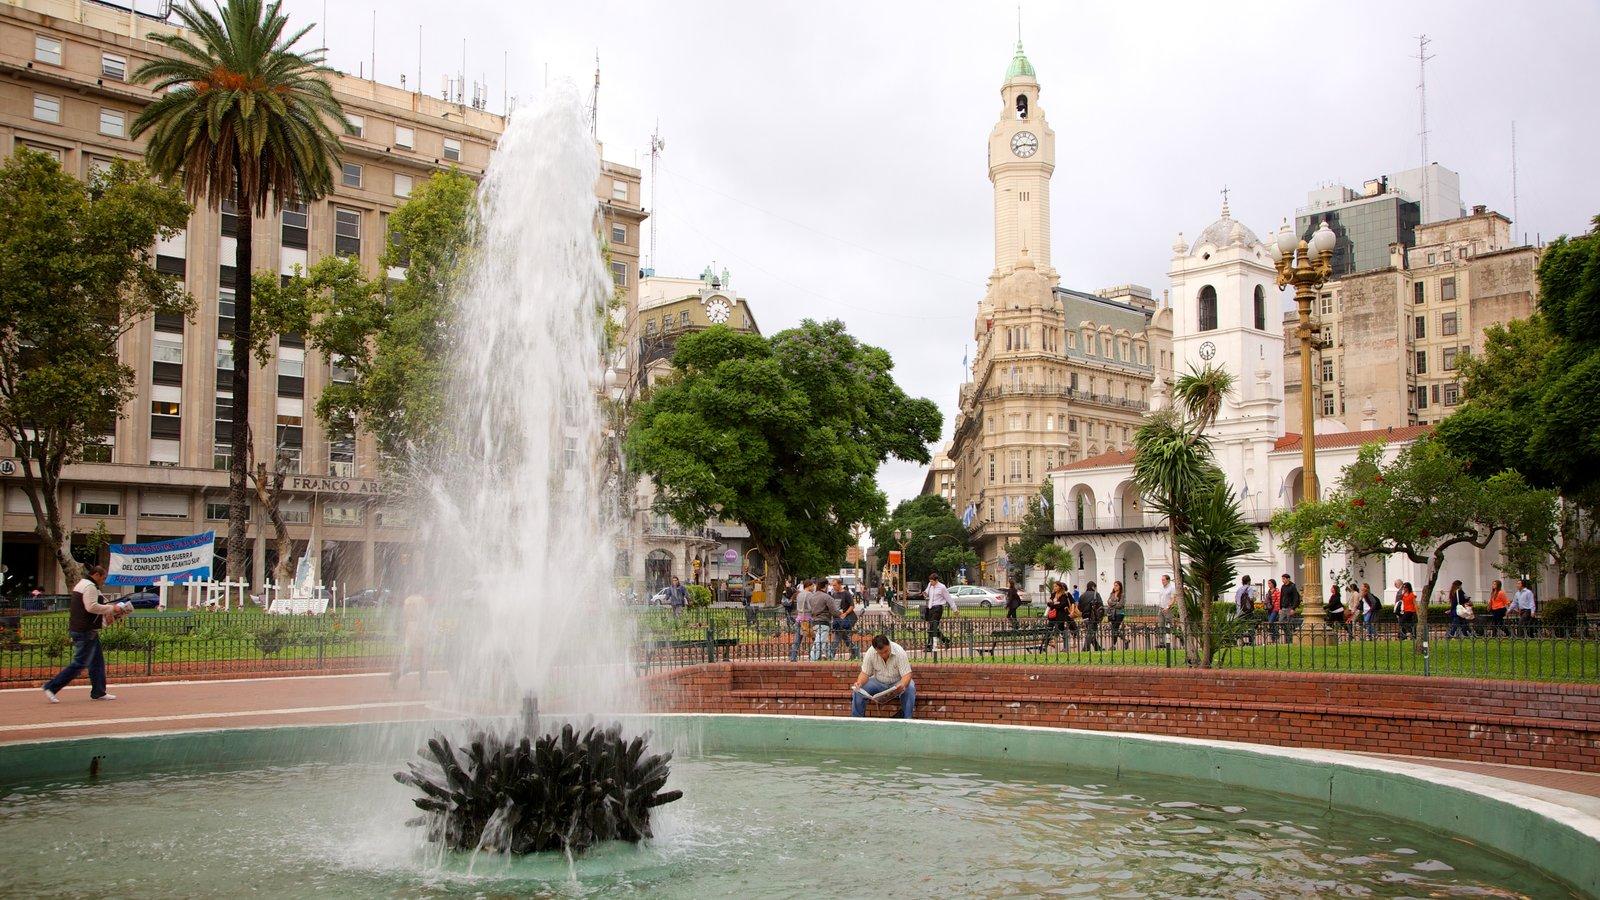 Plaza de Mayo mostrando uma cidade, uma praça ou plaza e uma fonte